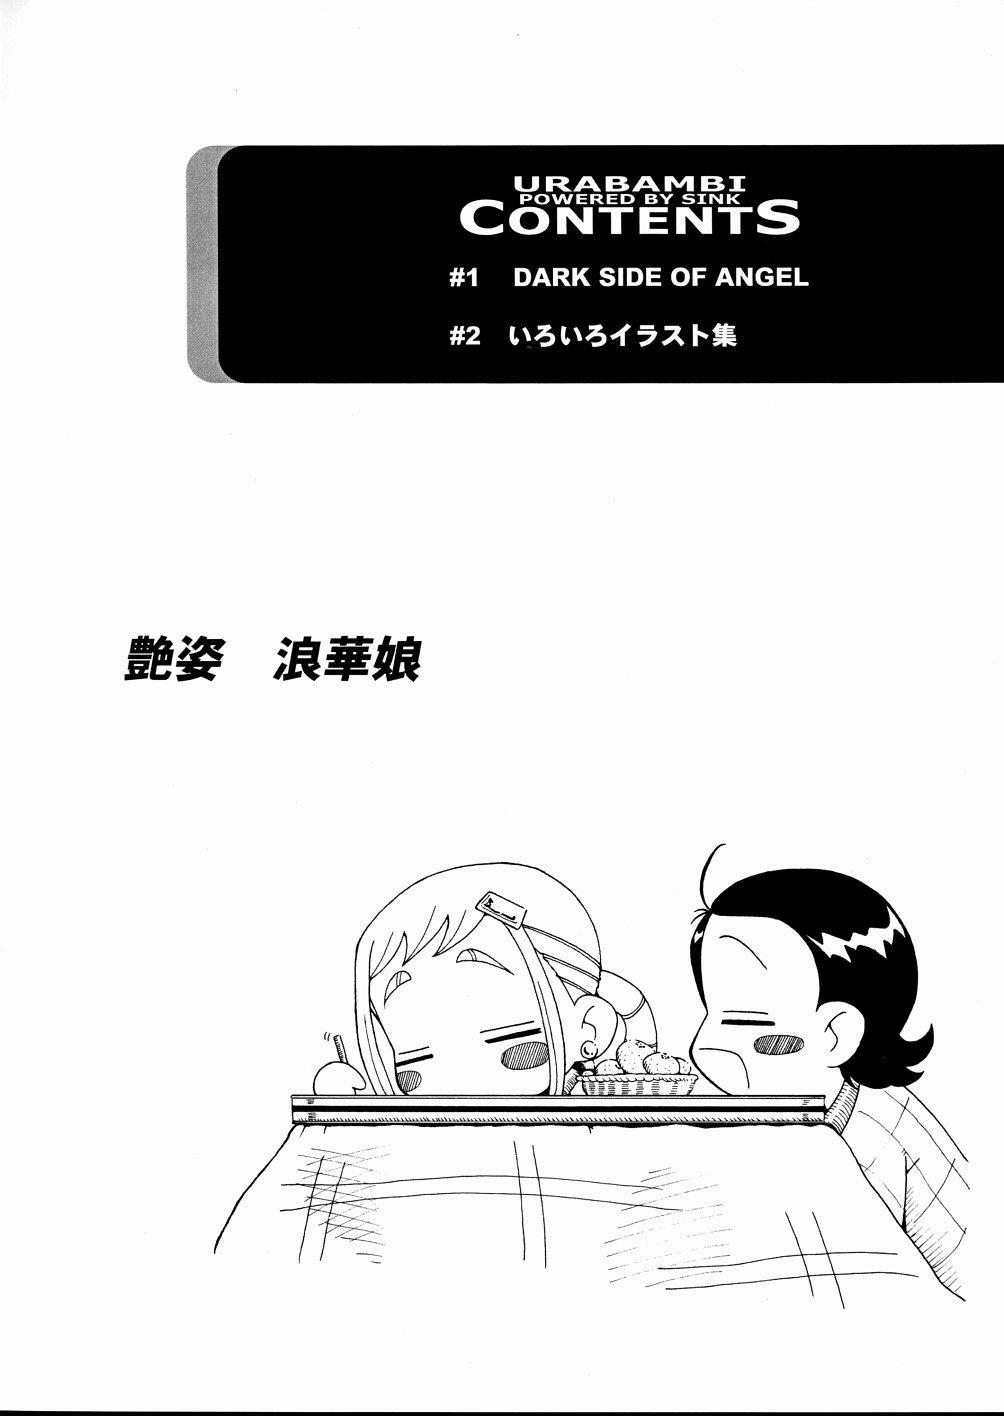 Urabambi Vol. 20 - Adesugata Naniwa Musume 3